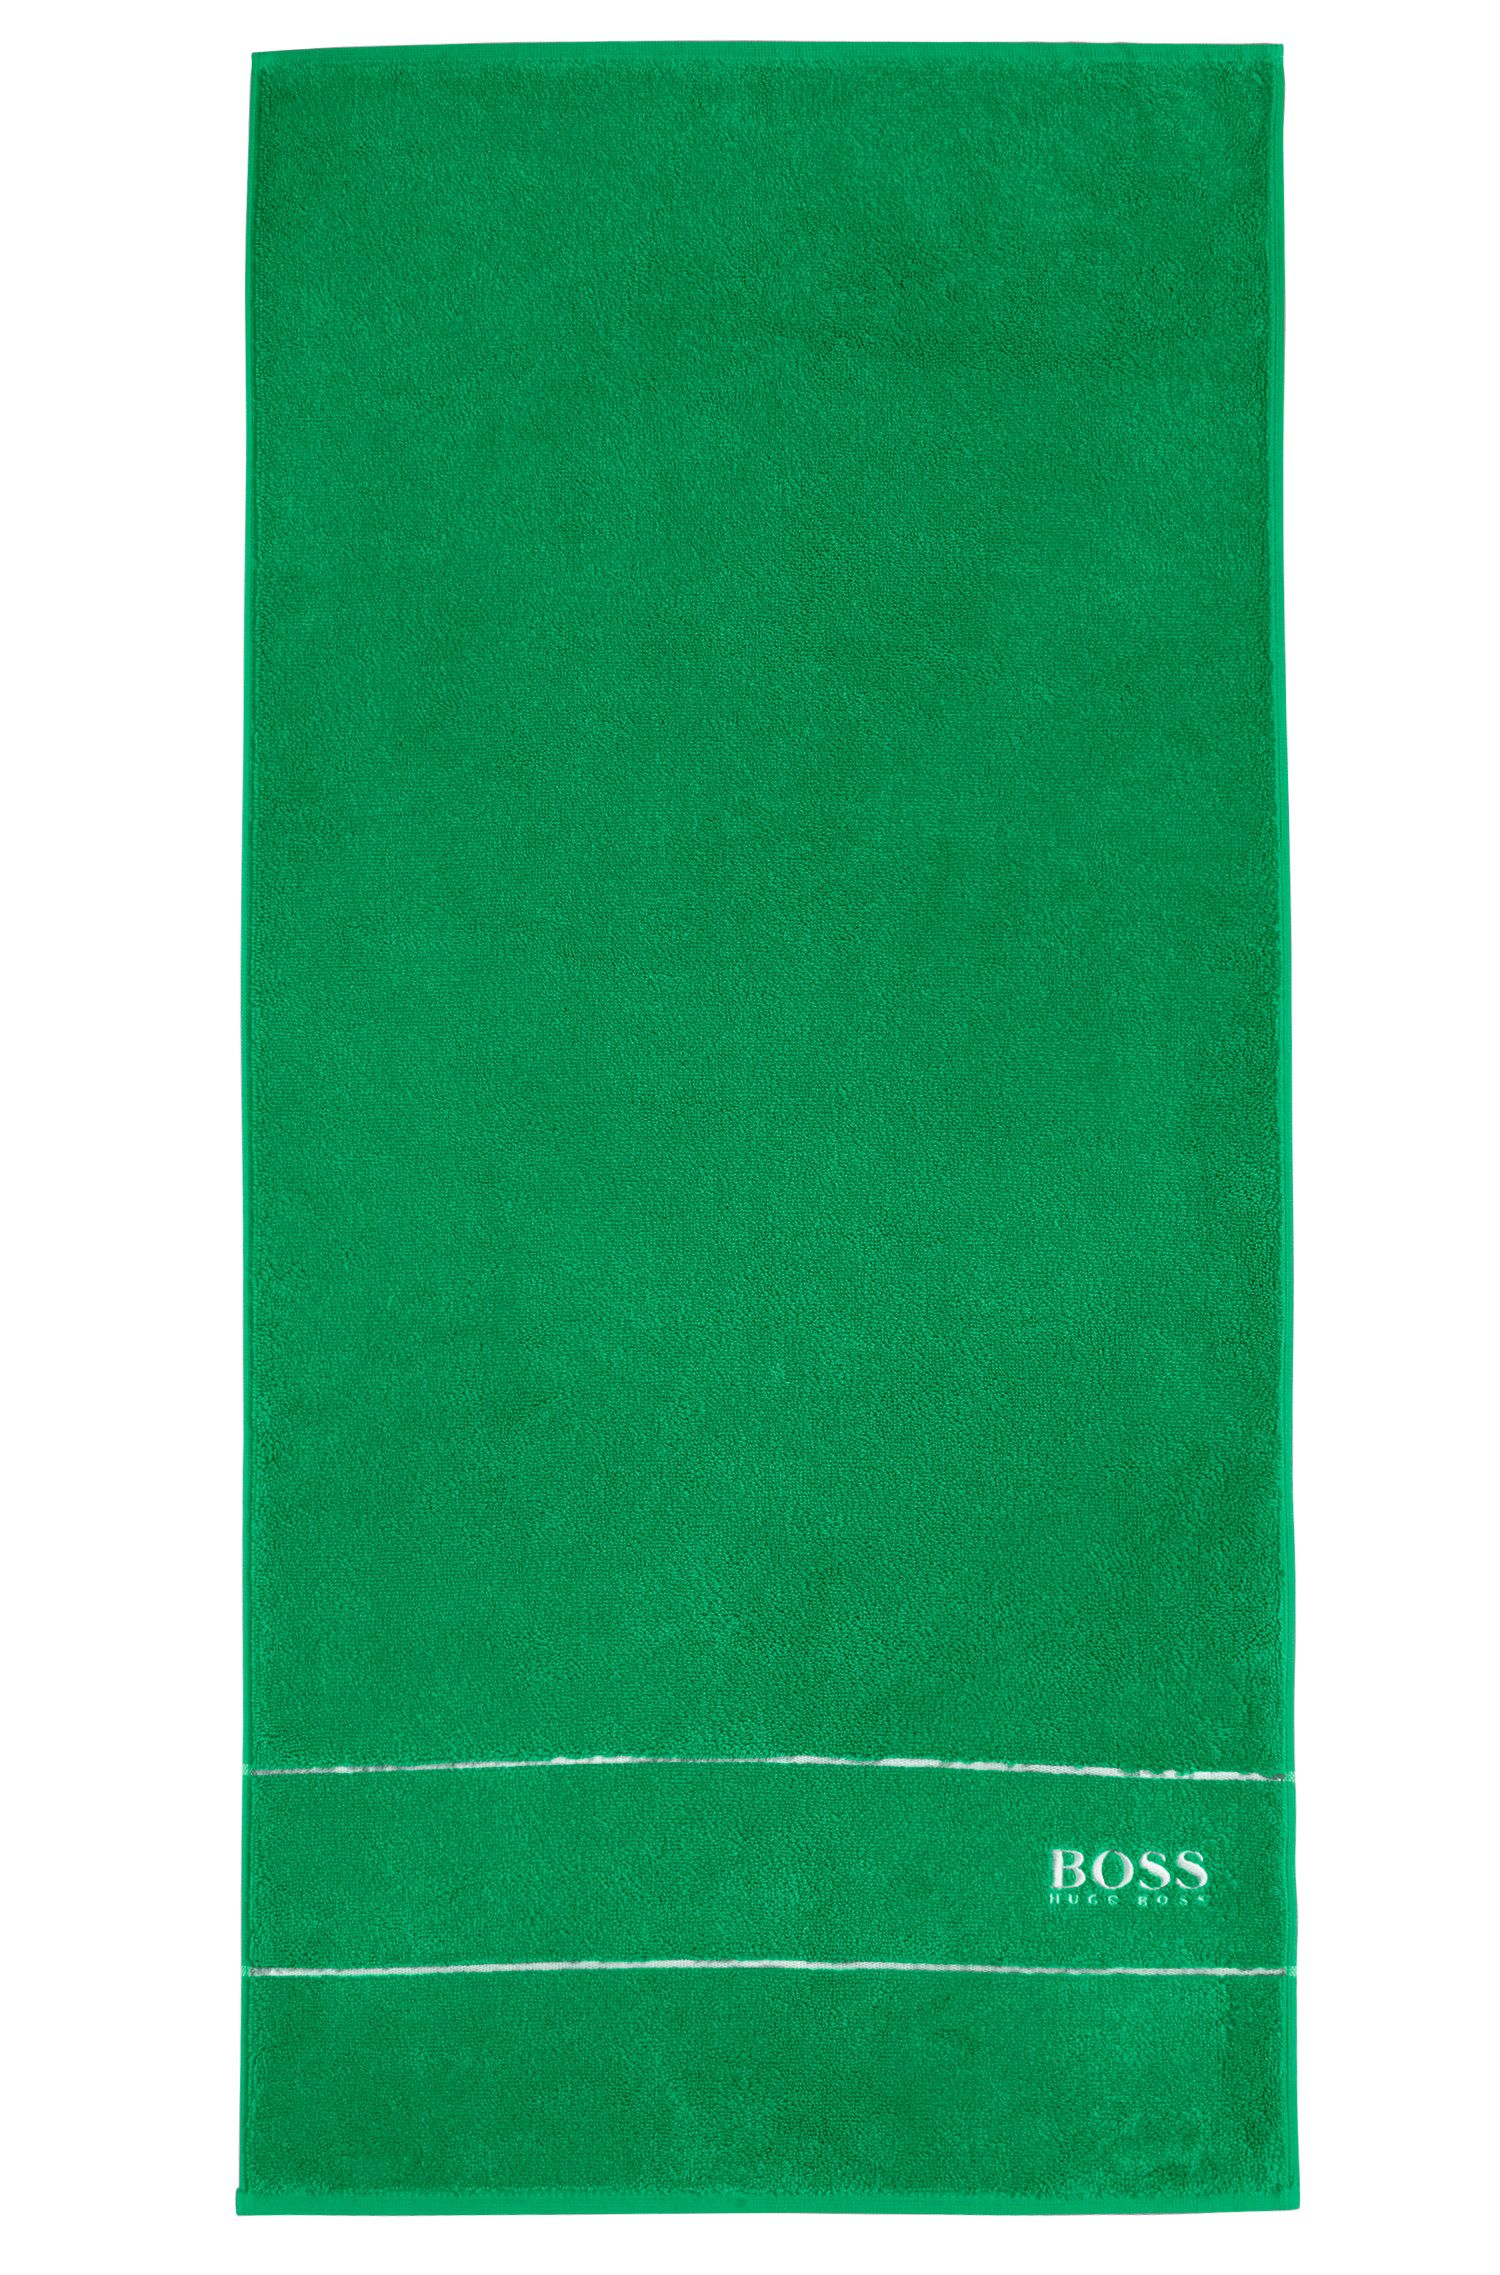 Handtuch aus feinster ägyptischer Baumwolle mit Logo-Bordüre